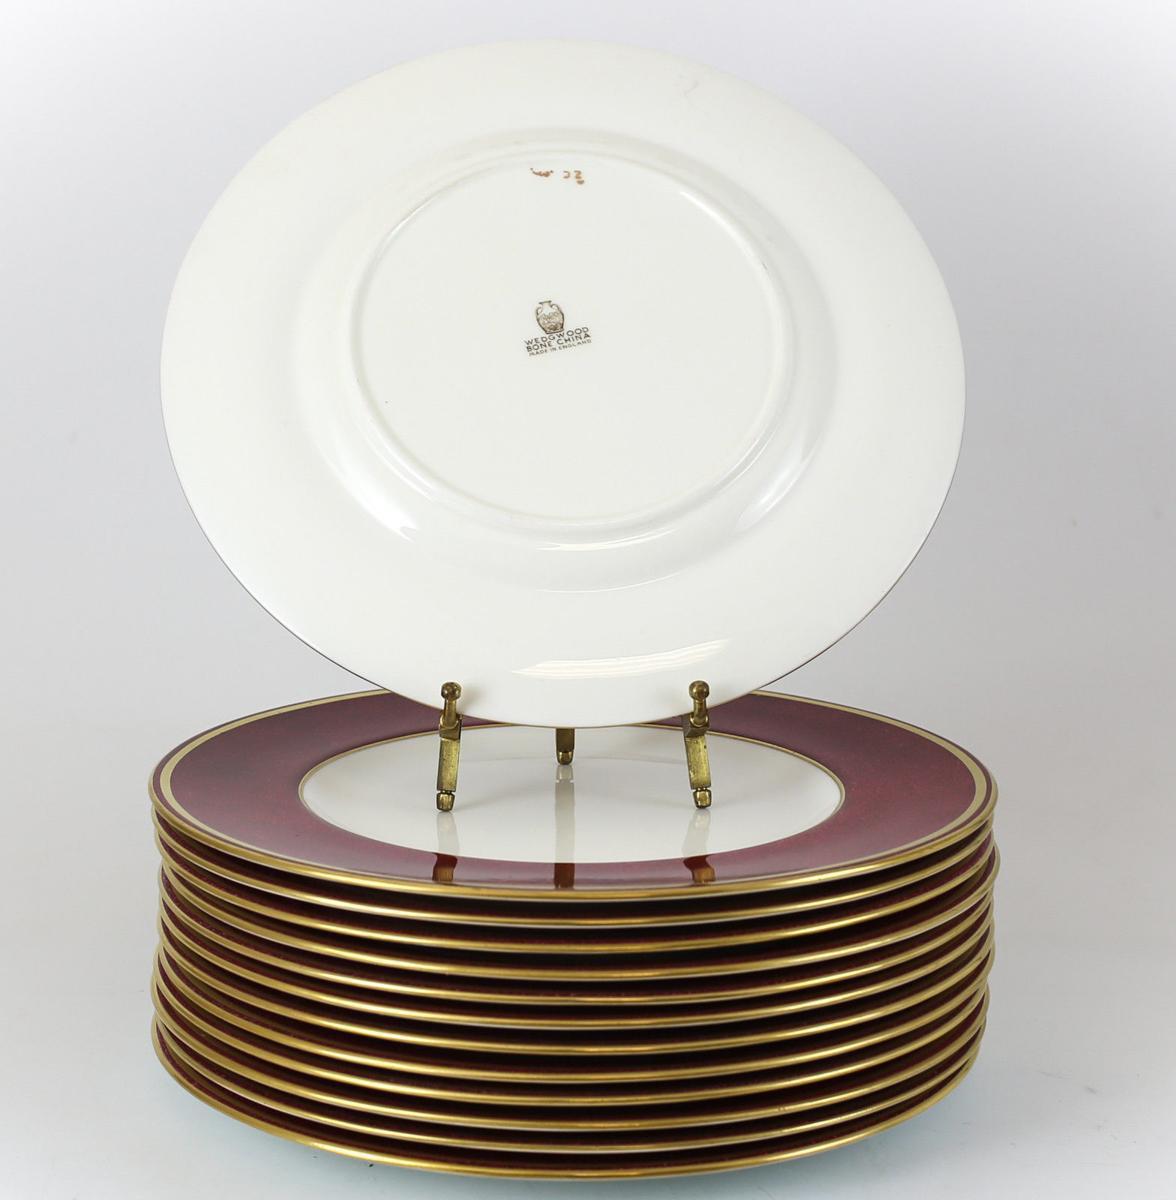 C 1960 Wedgwood Porcelain 10.5\  Dinner Plates in Swinburne Ruby - Set of 14 - & C 1960 Wedgwood Porcelain 10.5\